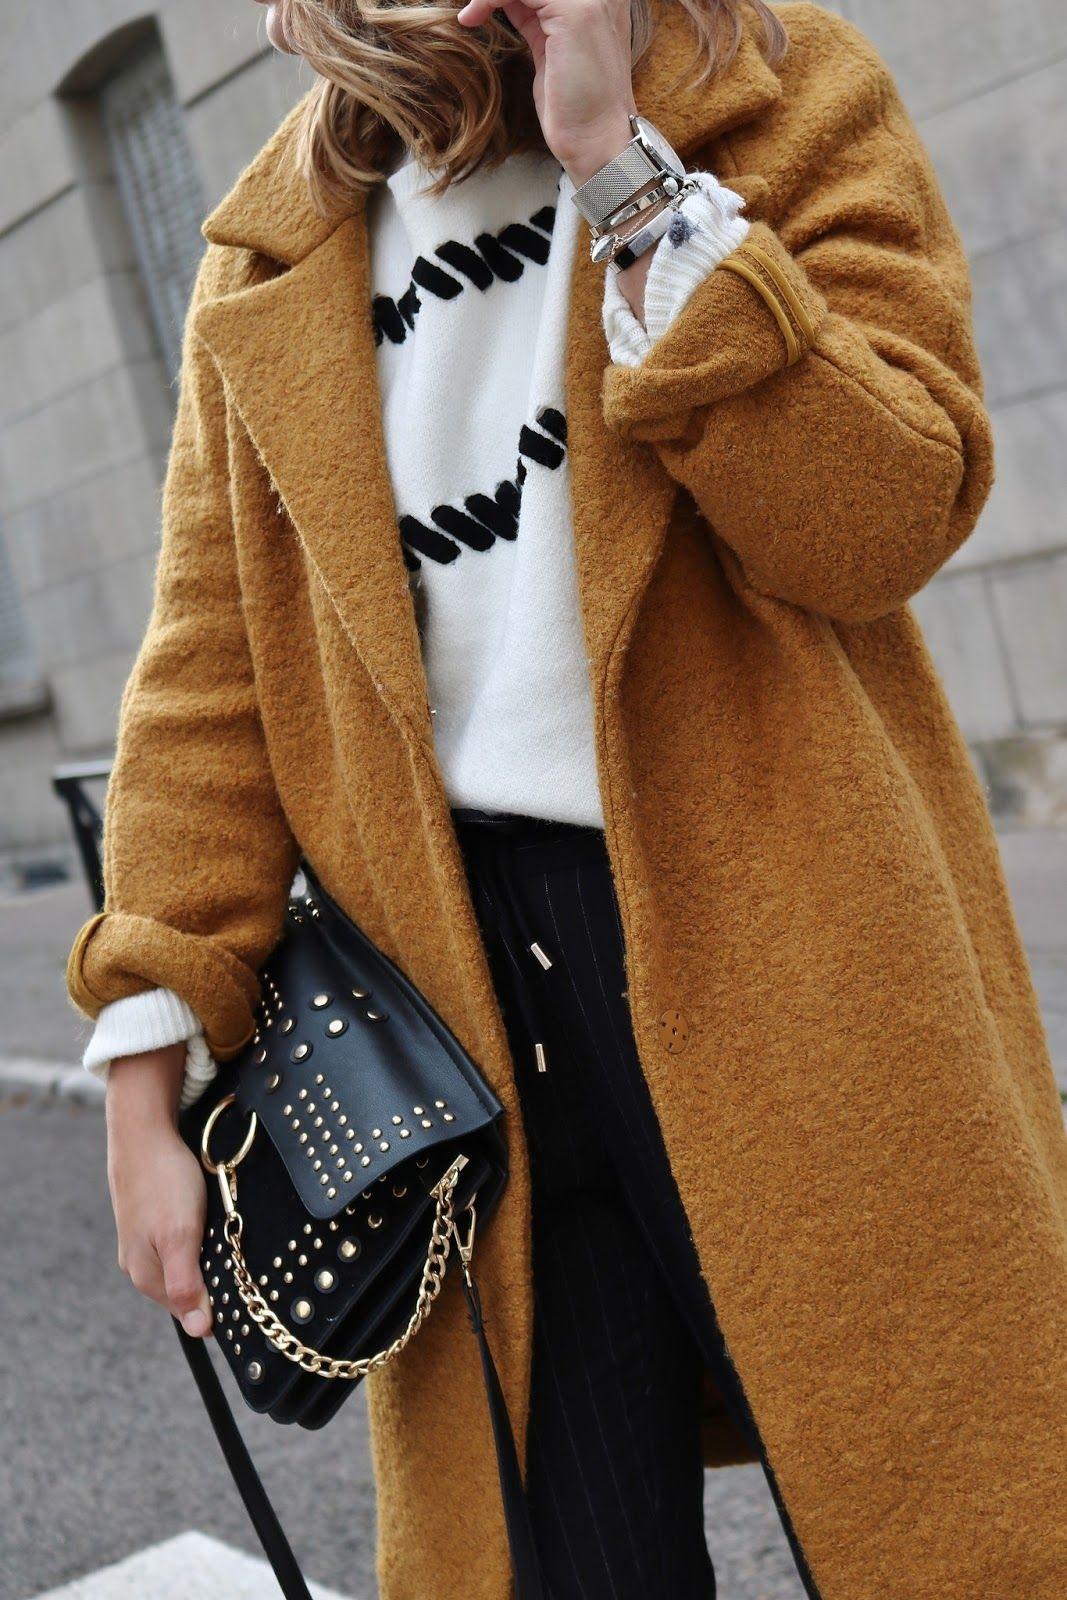 9a4efeadaf9 pauline-dress-blog-mode-tenue-en-manteau -moutarde-hiver-automne-2017-pull-jogger